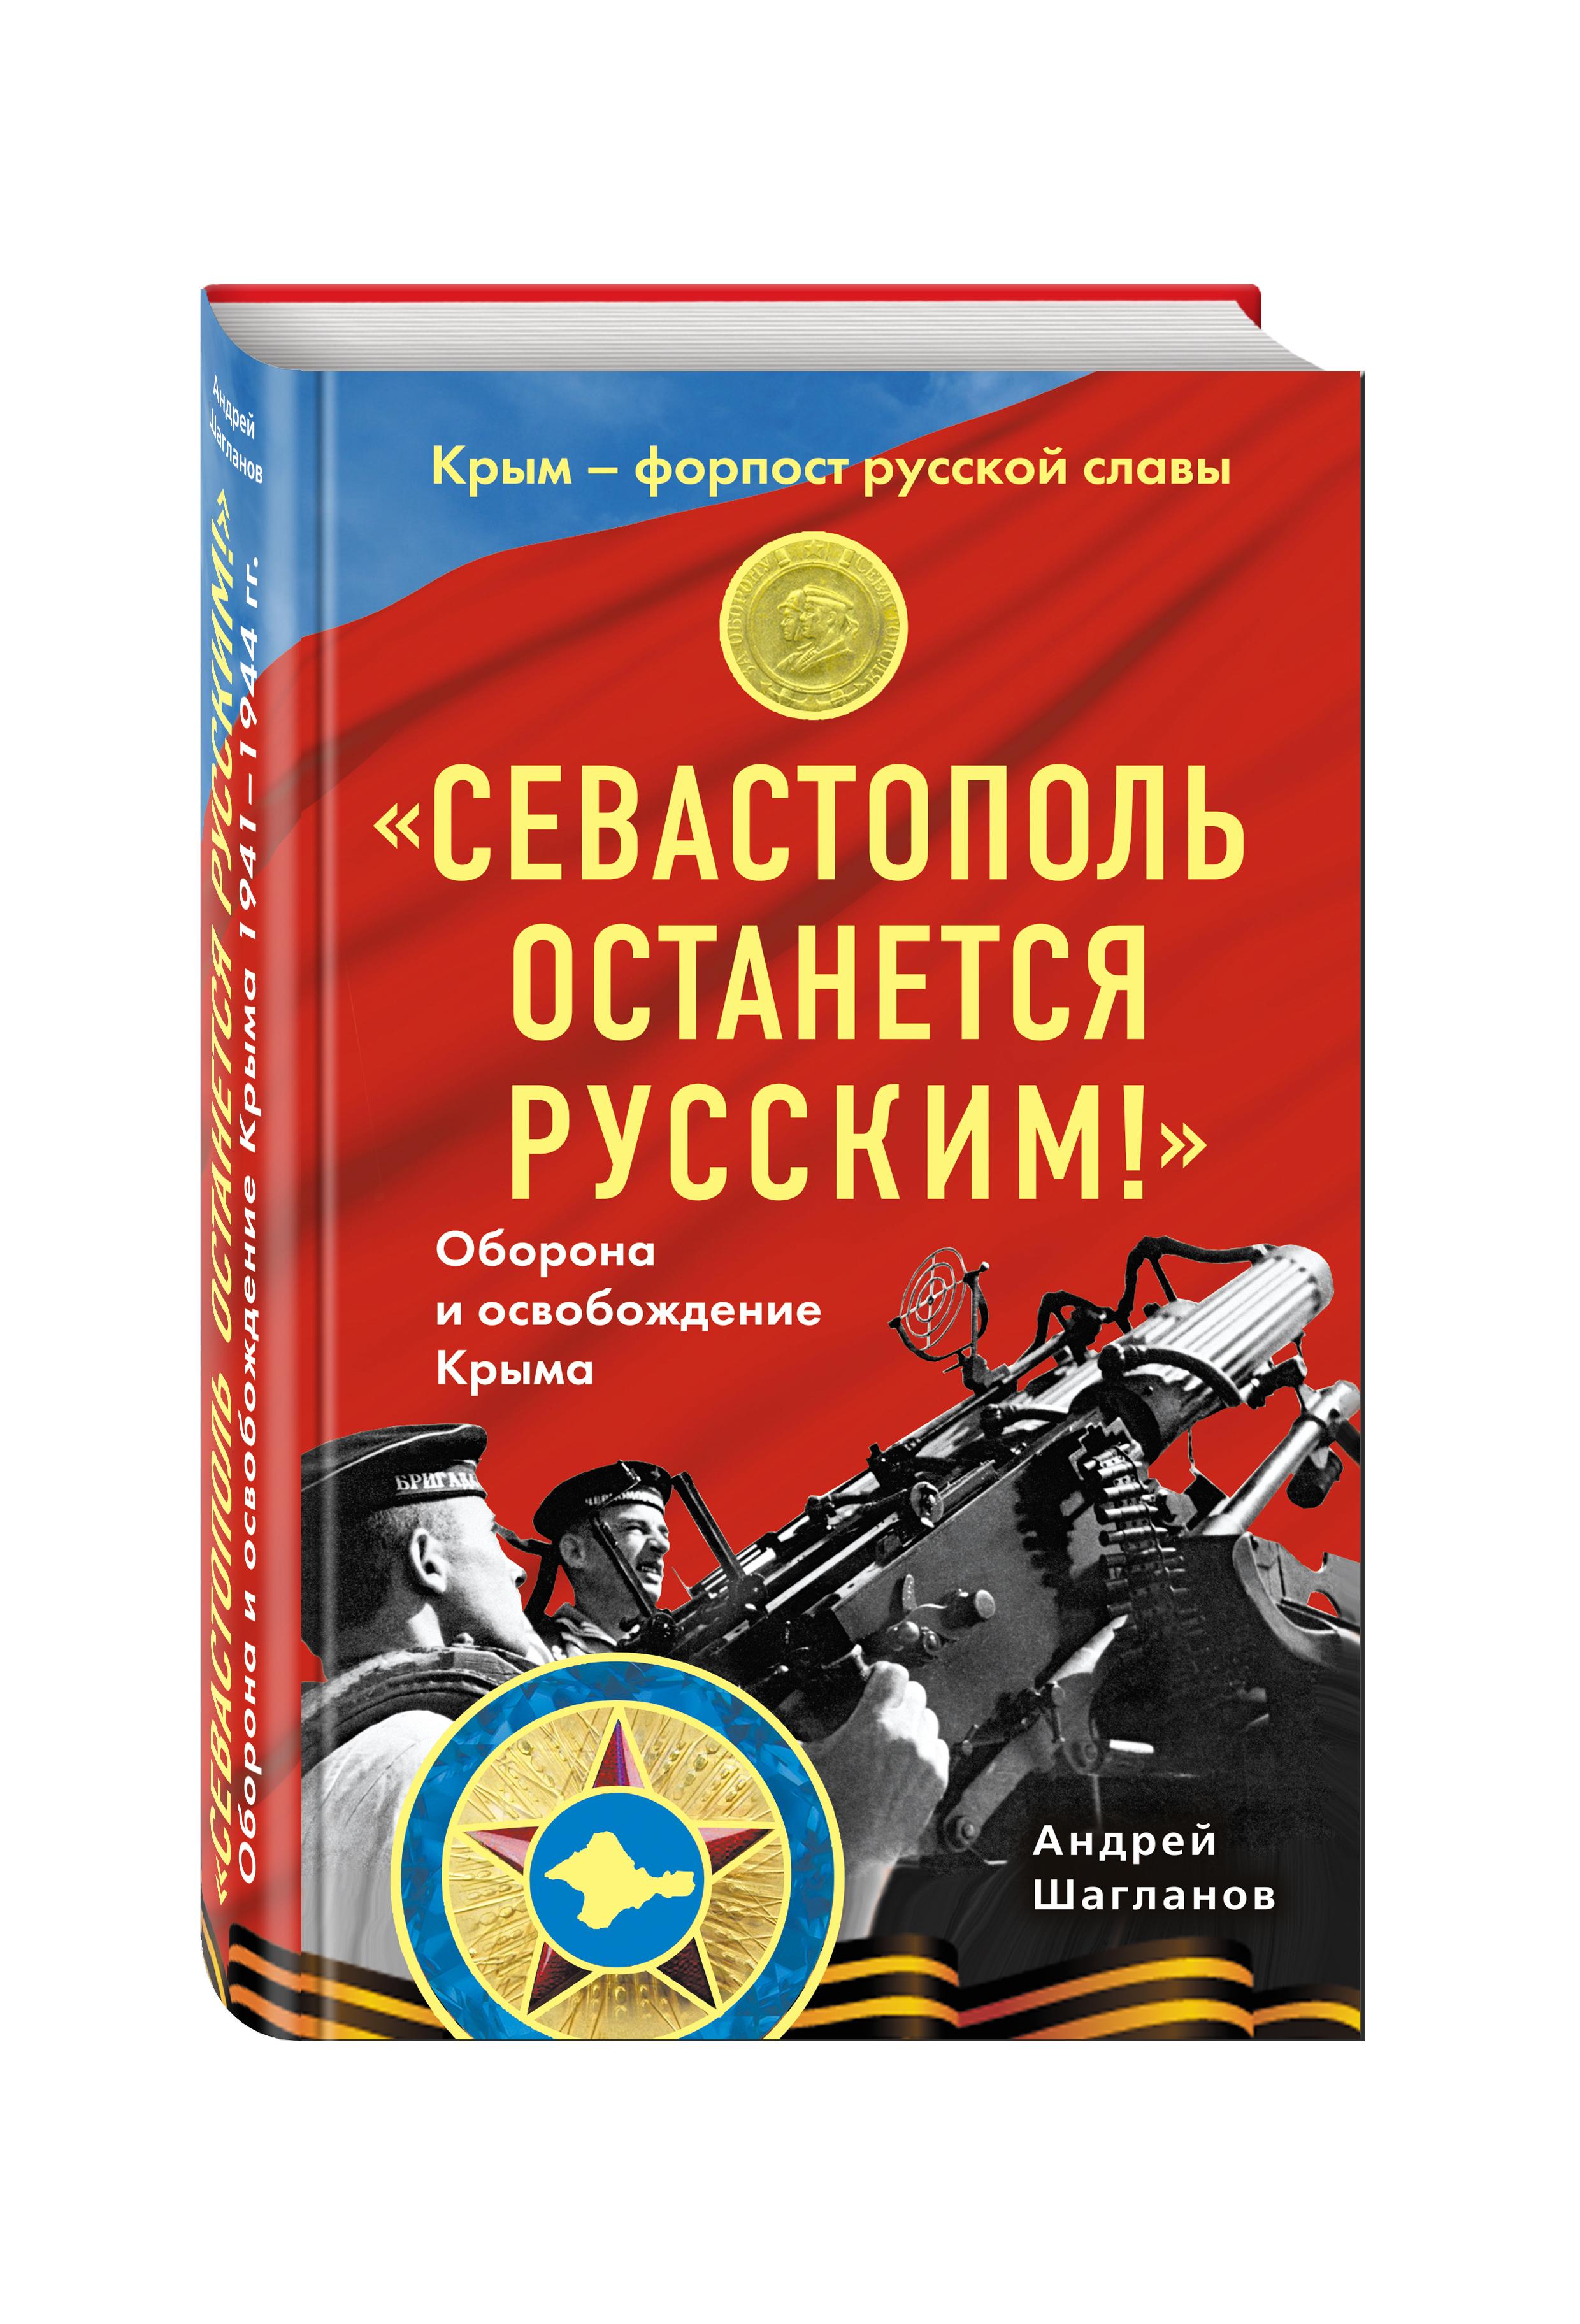 «Севастополь останется русским!» Оборона и освобождение Крыма 1941-1944